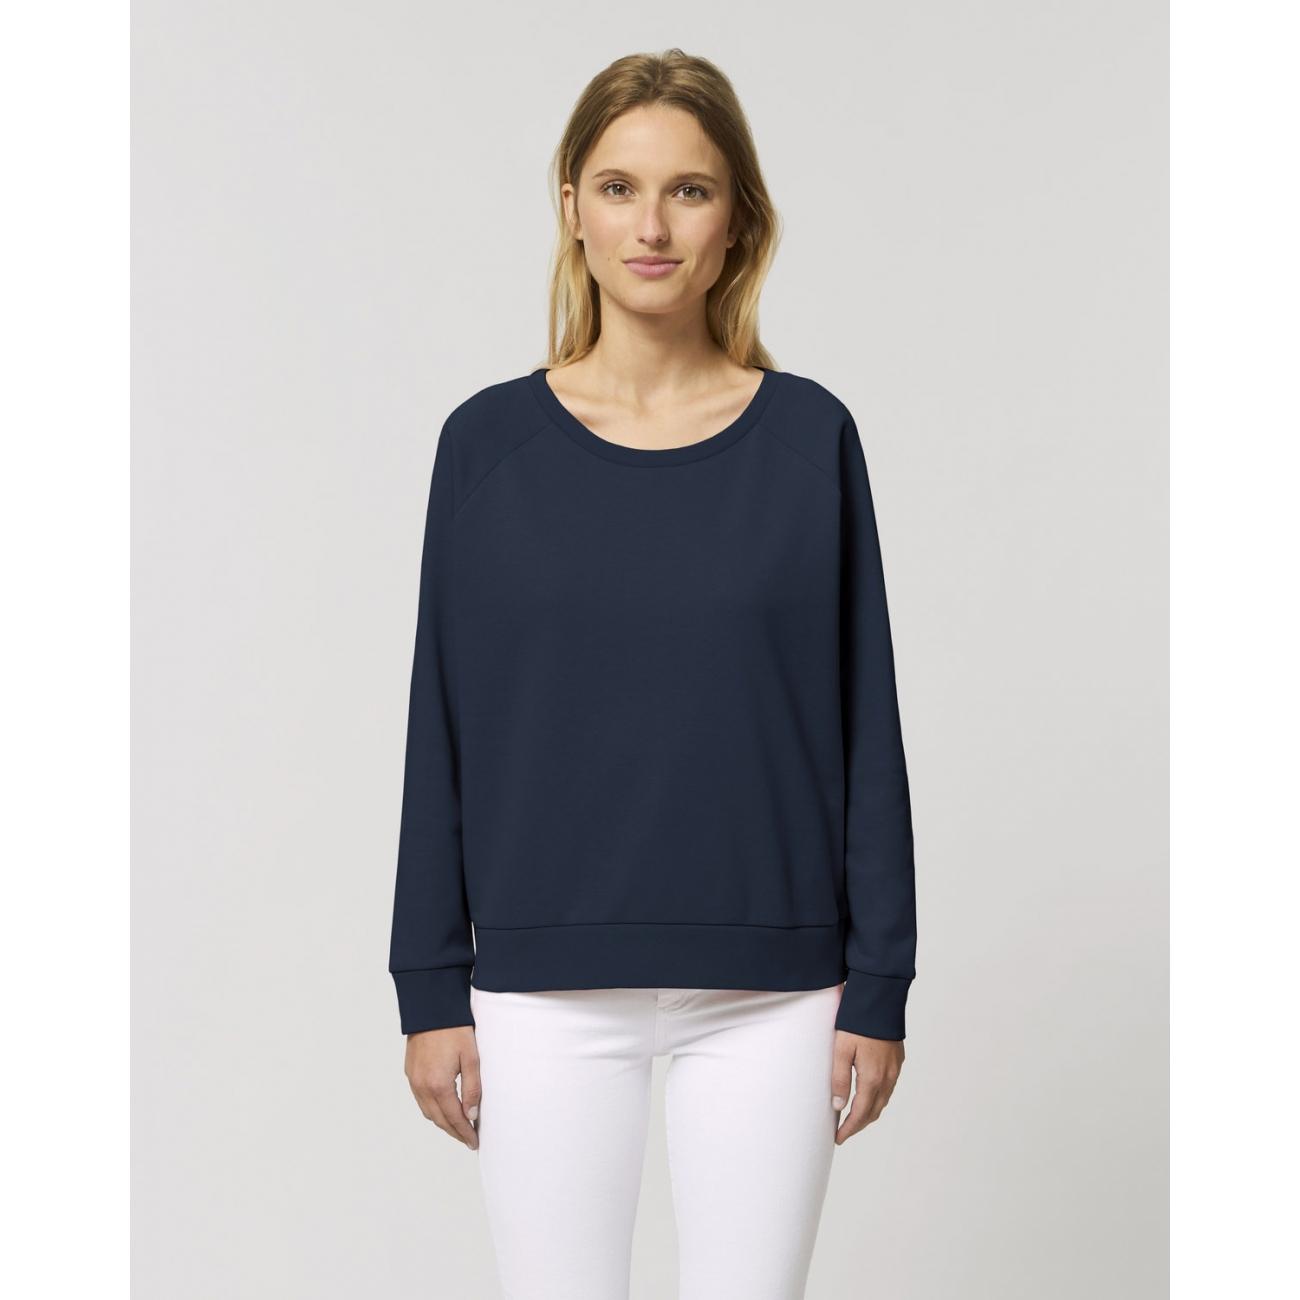 https://tee-shirt-bio.com/8828-thickbox_default/sweat-col-rond-bleu-marine-french-navy-coton-bio-ethique-stella-dazzler.jpg